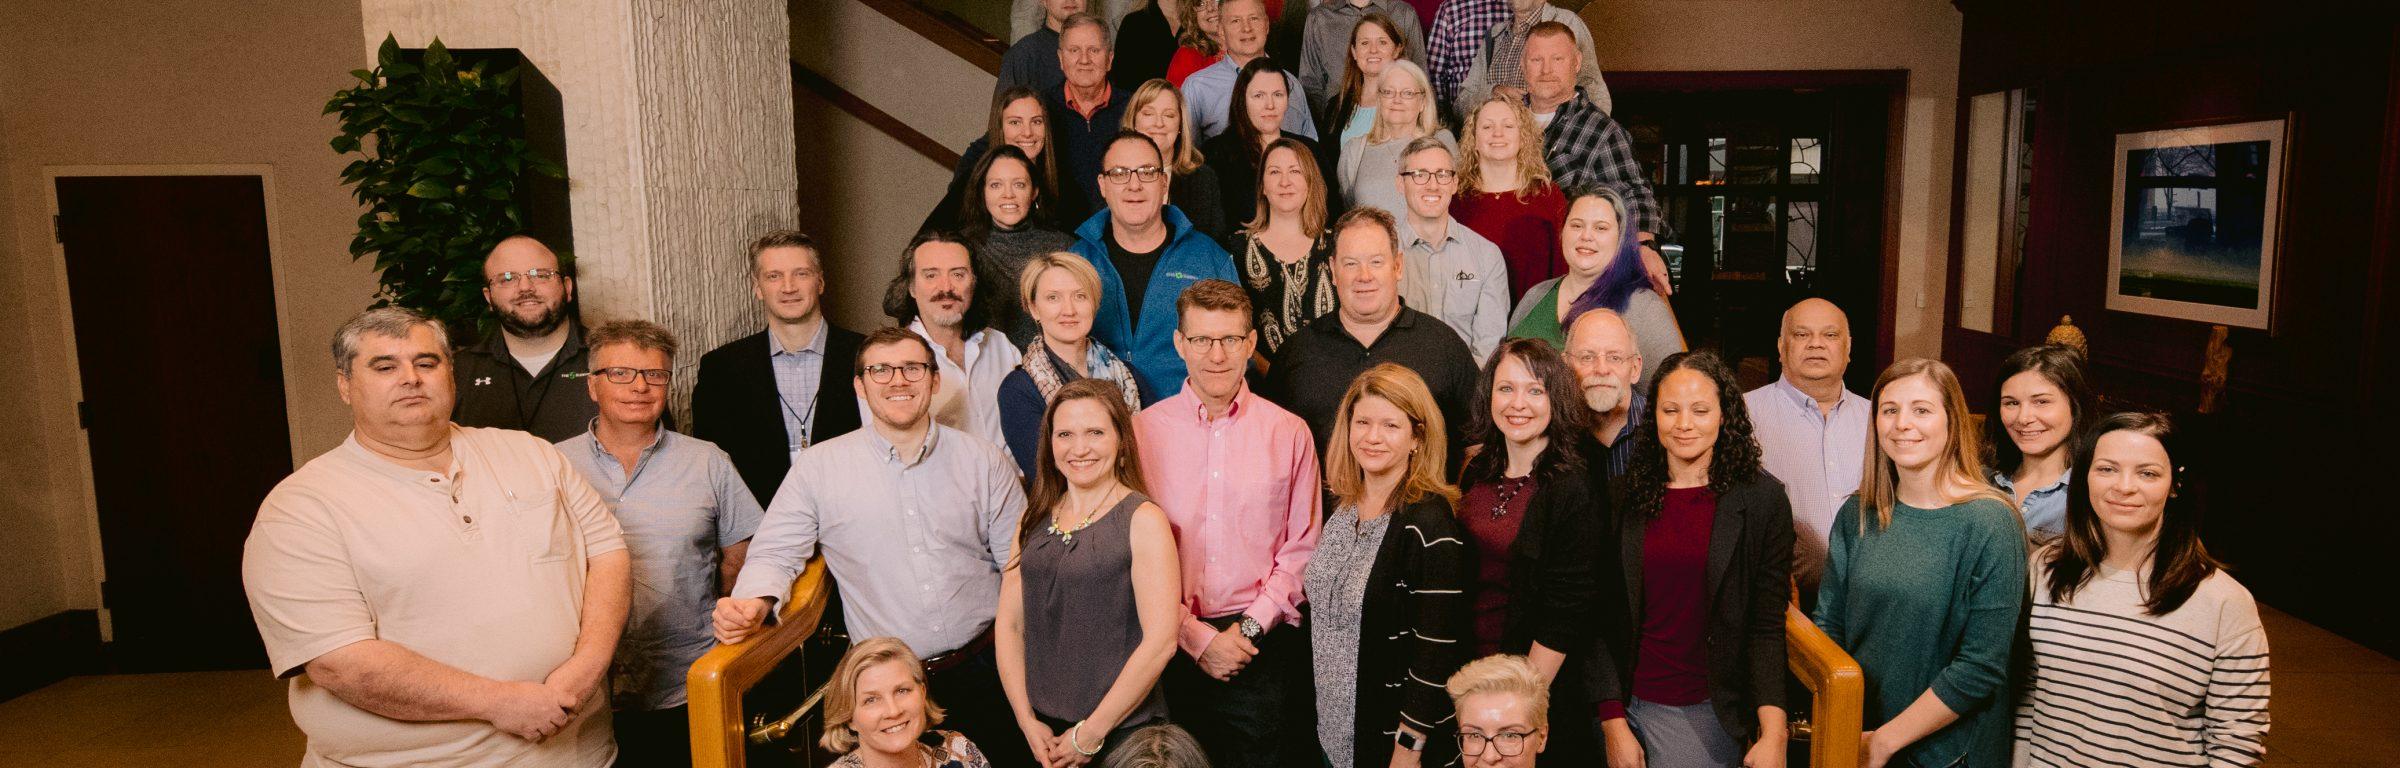 EHS Staff Photo